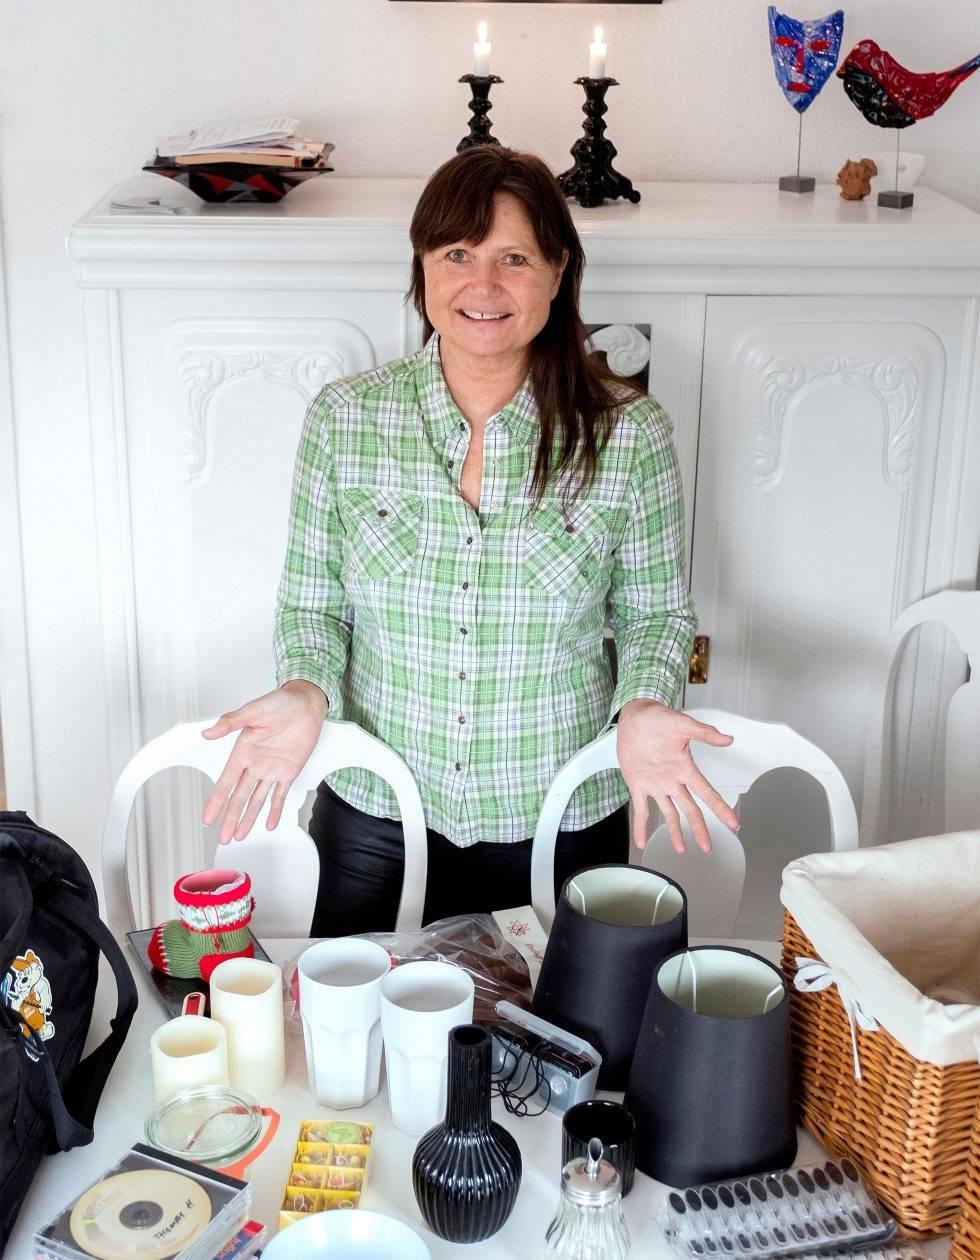 En medelålders kvinna står framför ett bord med porslin och andra prylar.